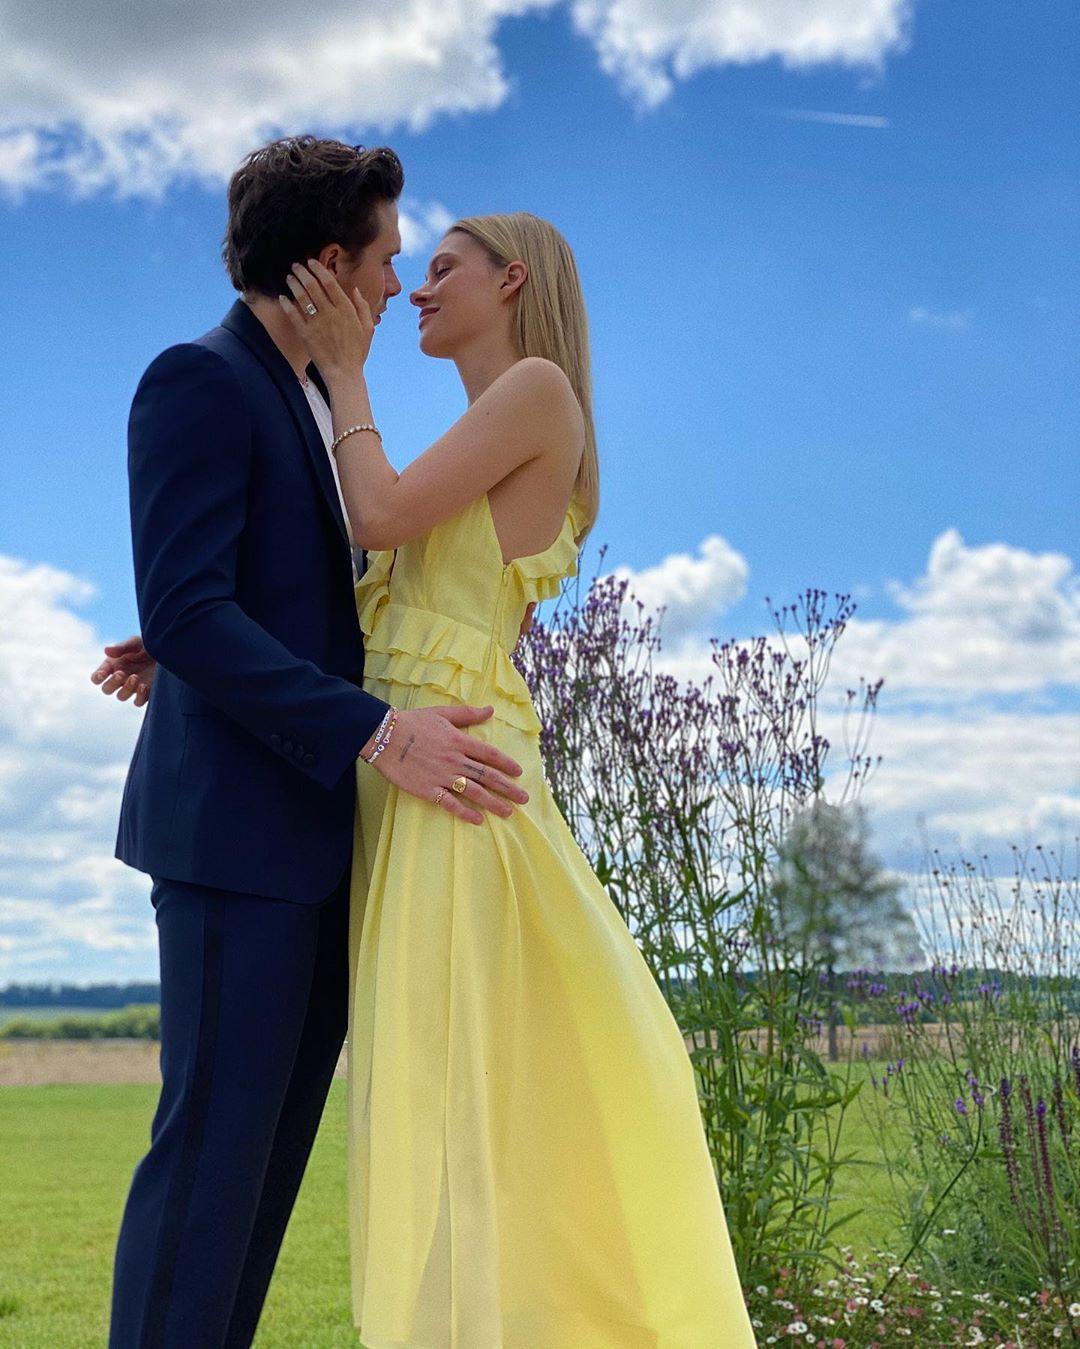 Cặp đôi khoe nhẫn đính hôn trong bức hình được chụp bởi Harper Beckham - cô em út của Brooklyn.